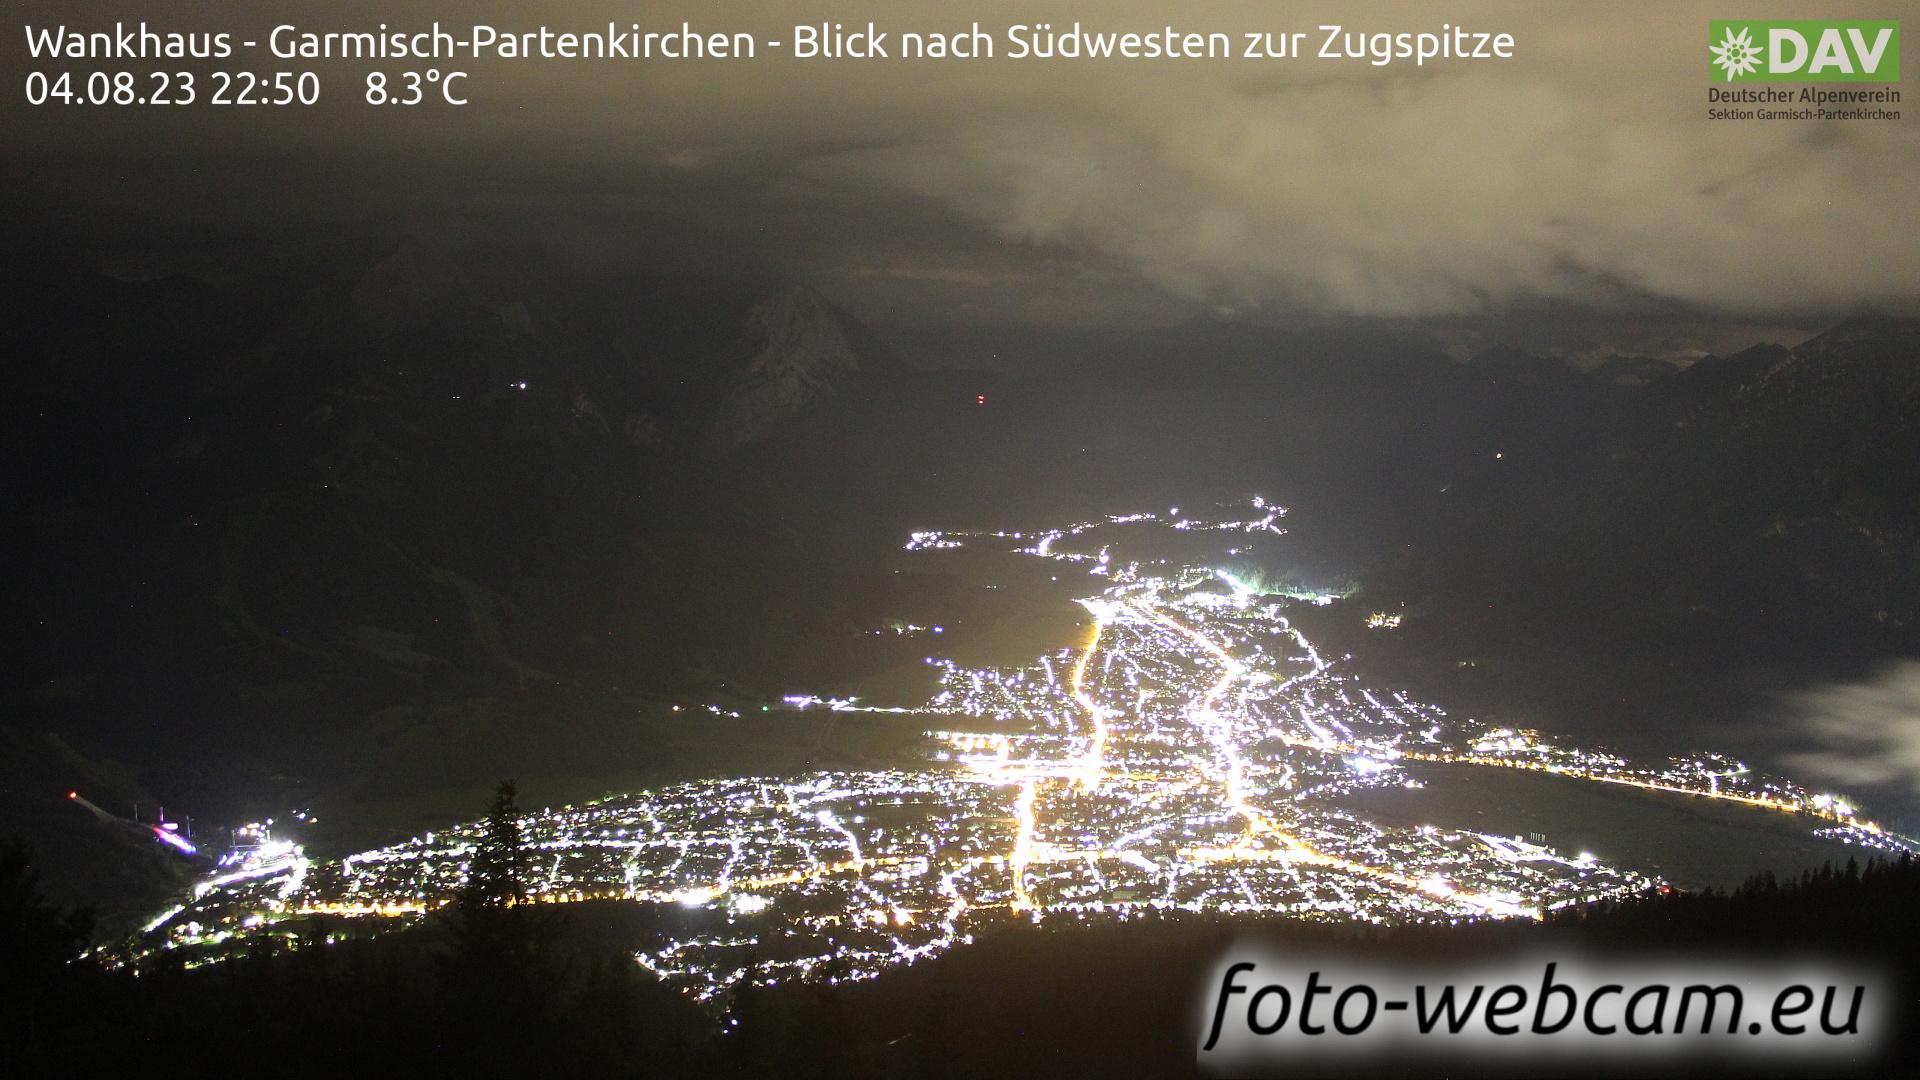 Garmisch-Partenkirchen Mon. 22:52